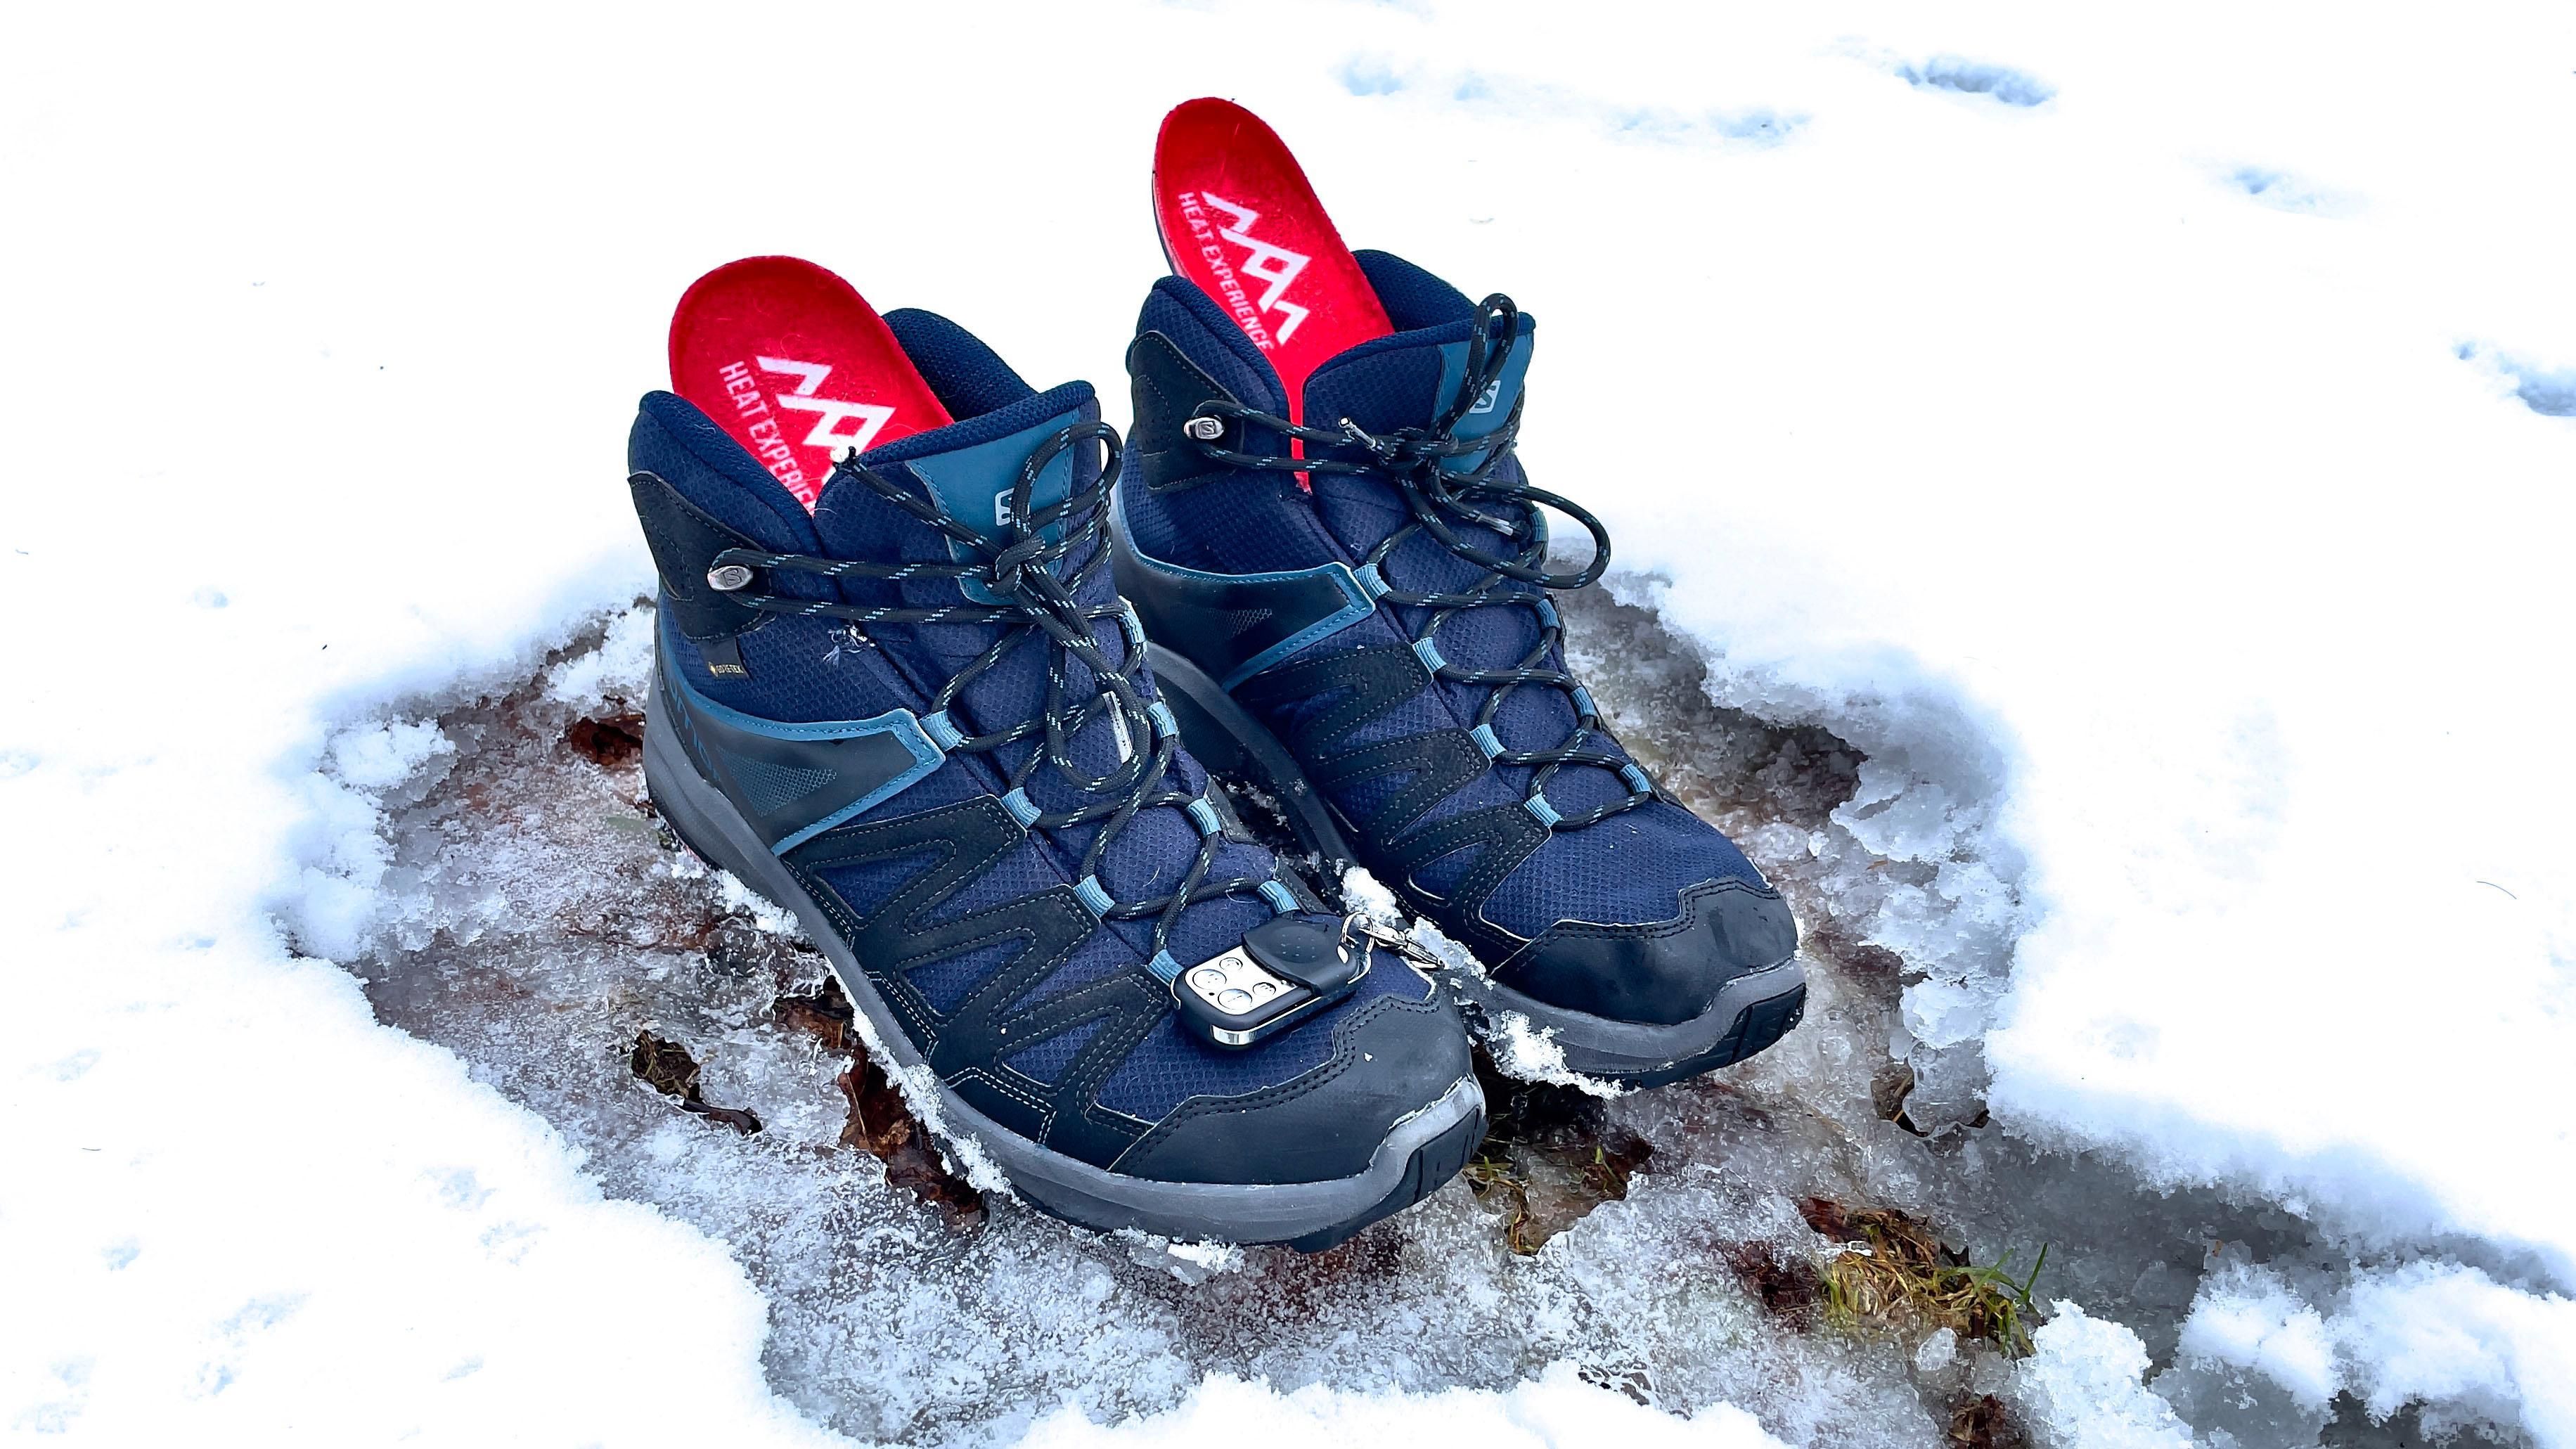 Med disse slipper du å fryse på føttene